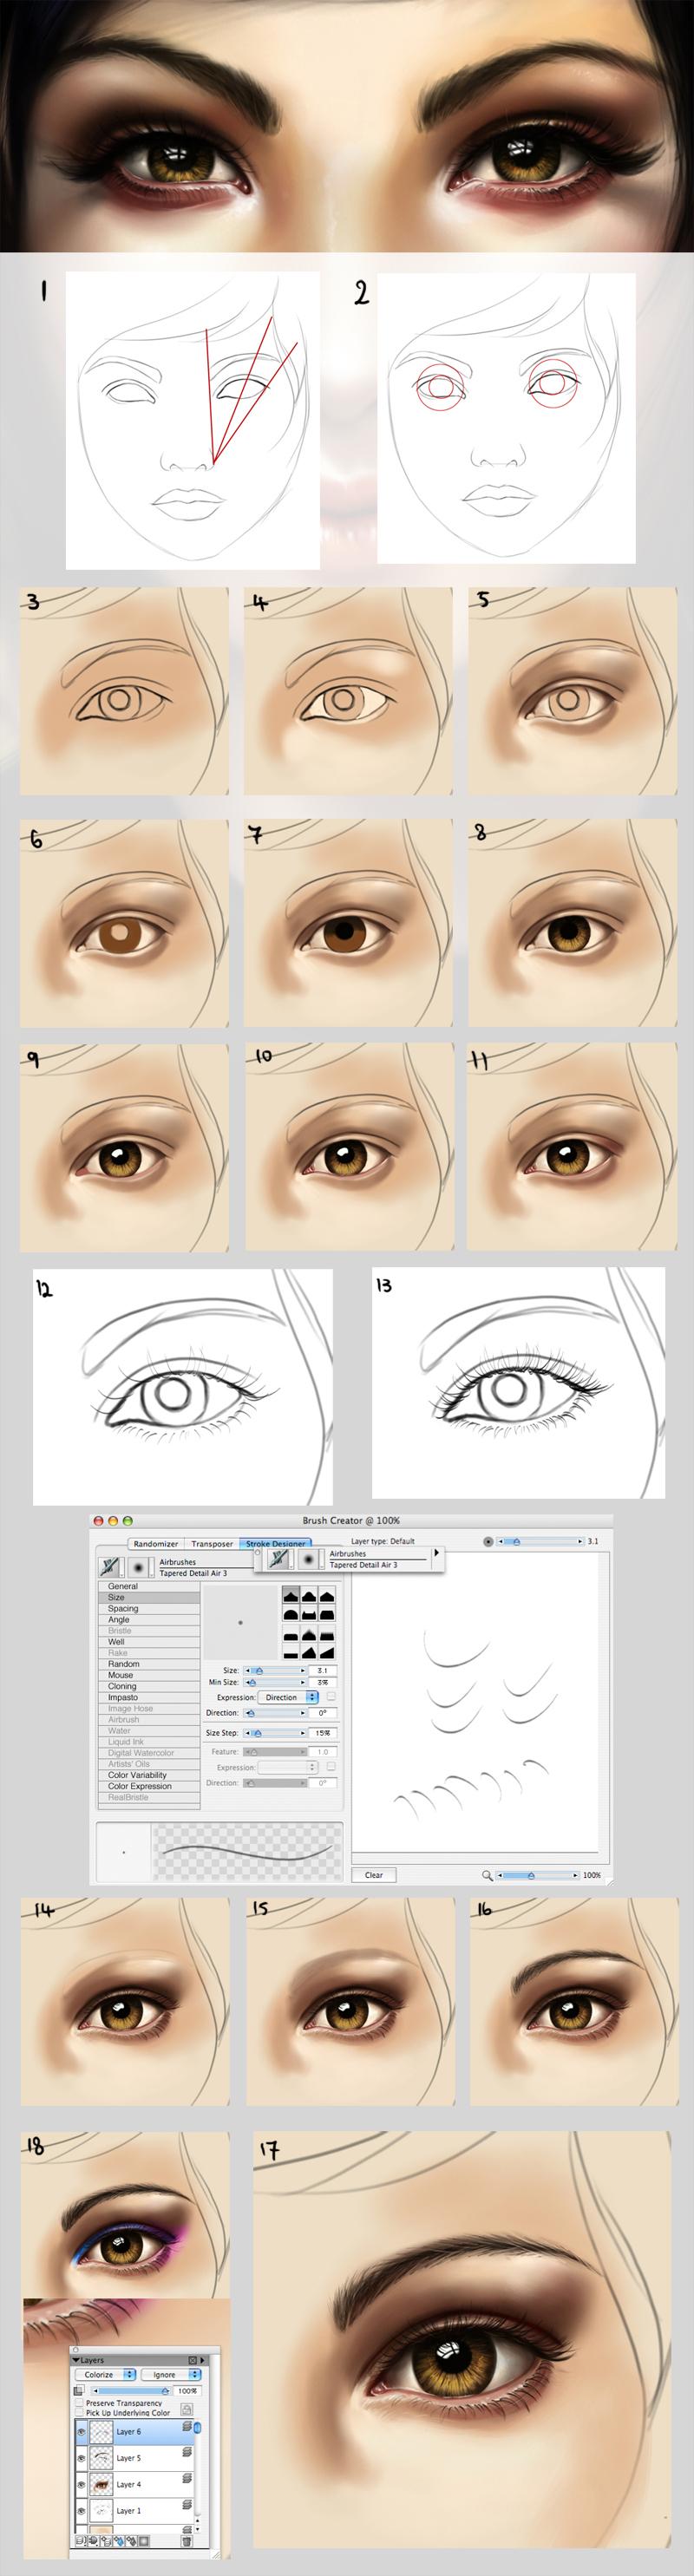 Eye tutorial - an update